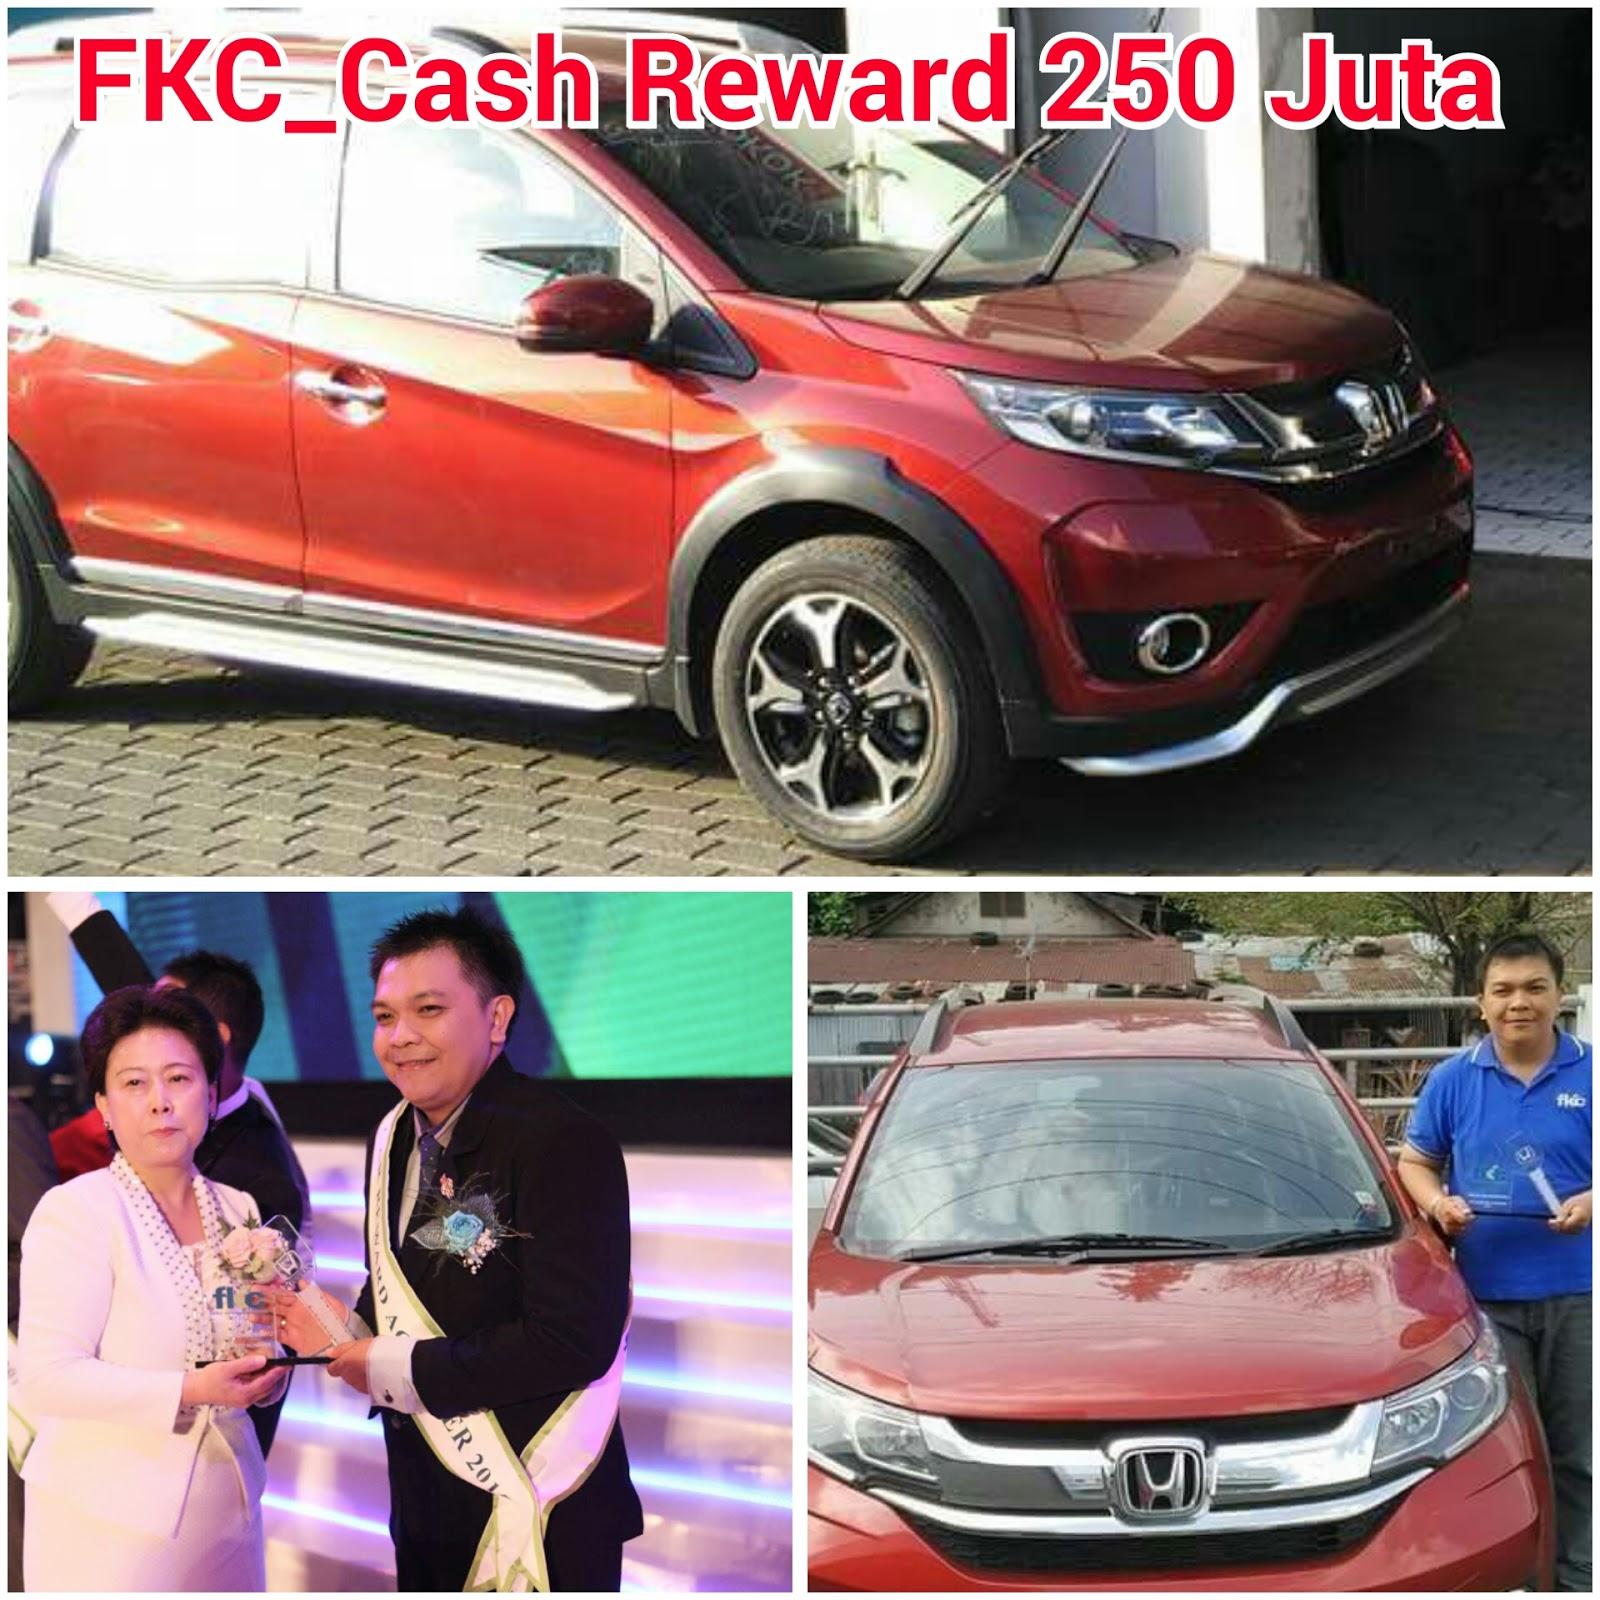 Bisnis Fkc Syariah - Reward Ferna Rondonuwu